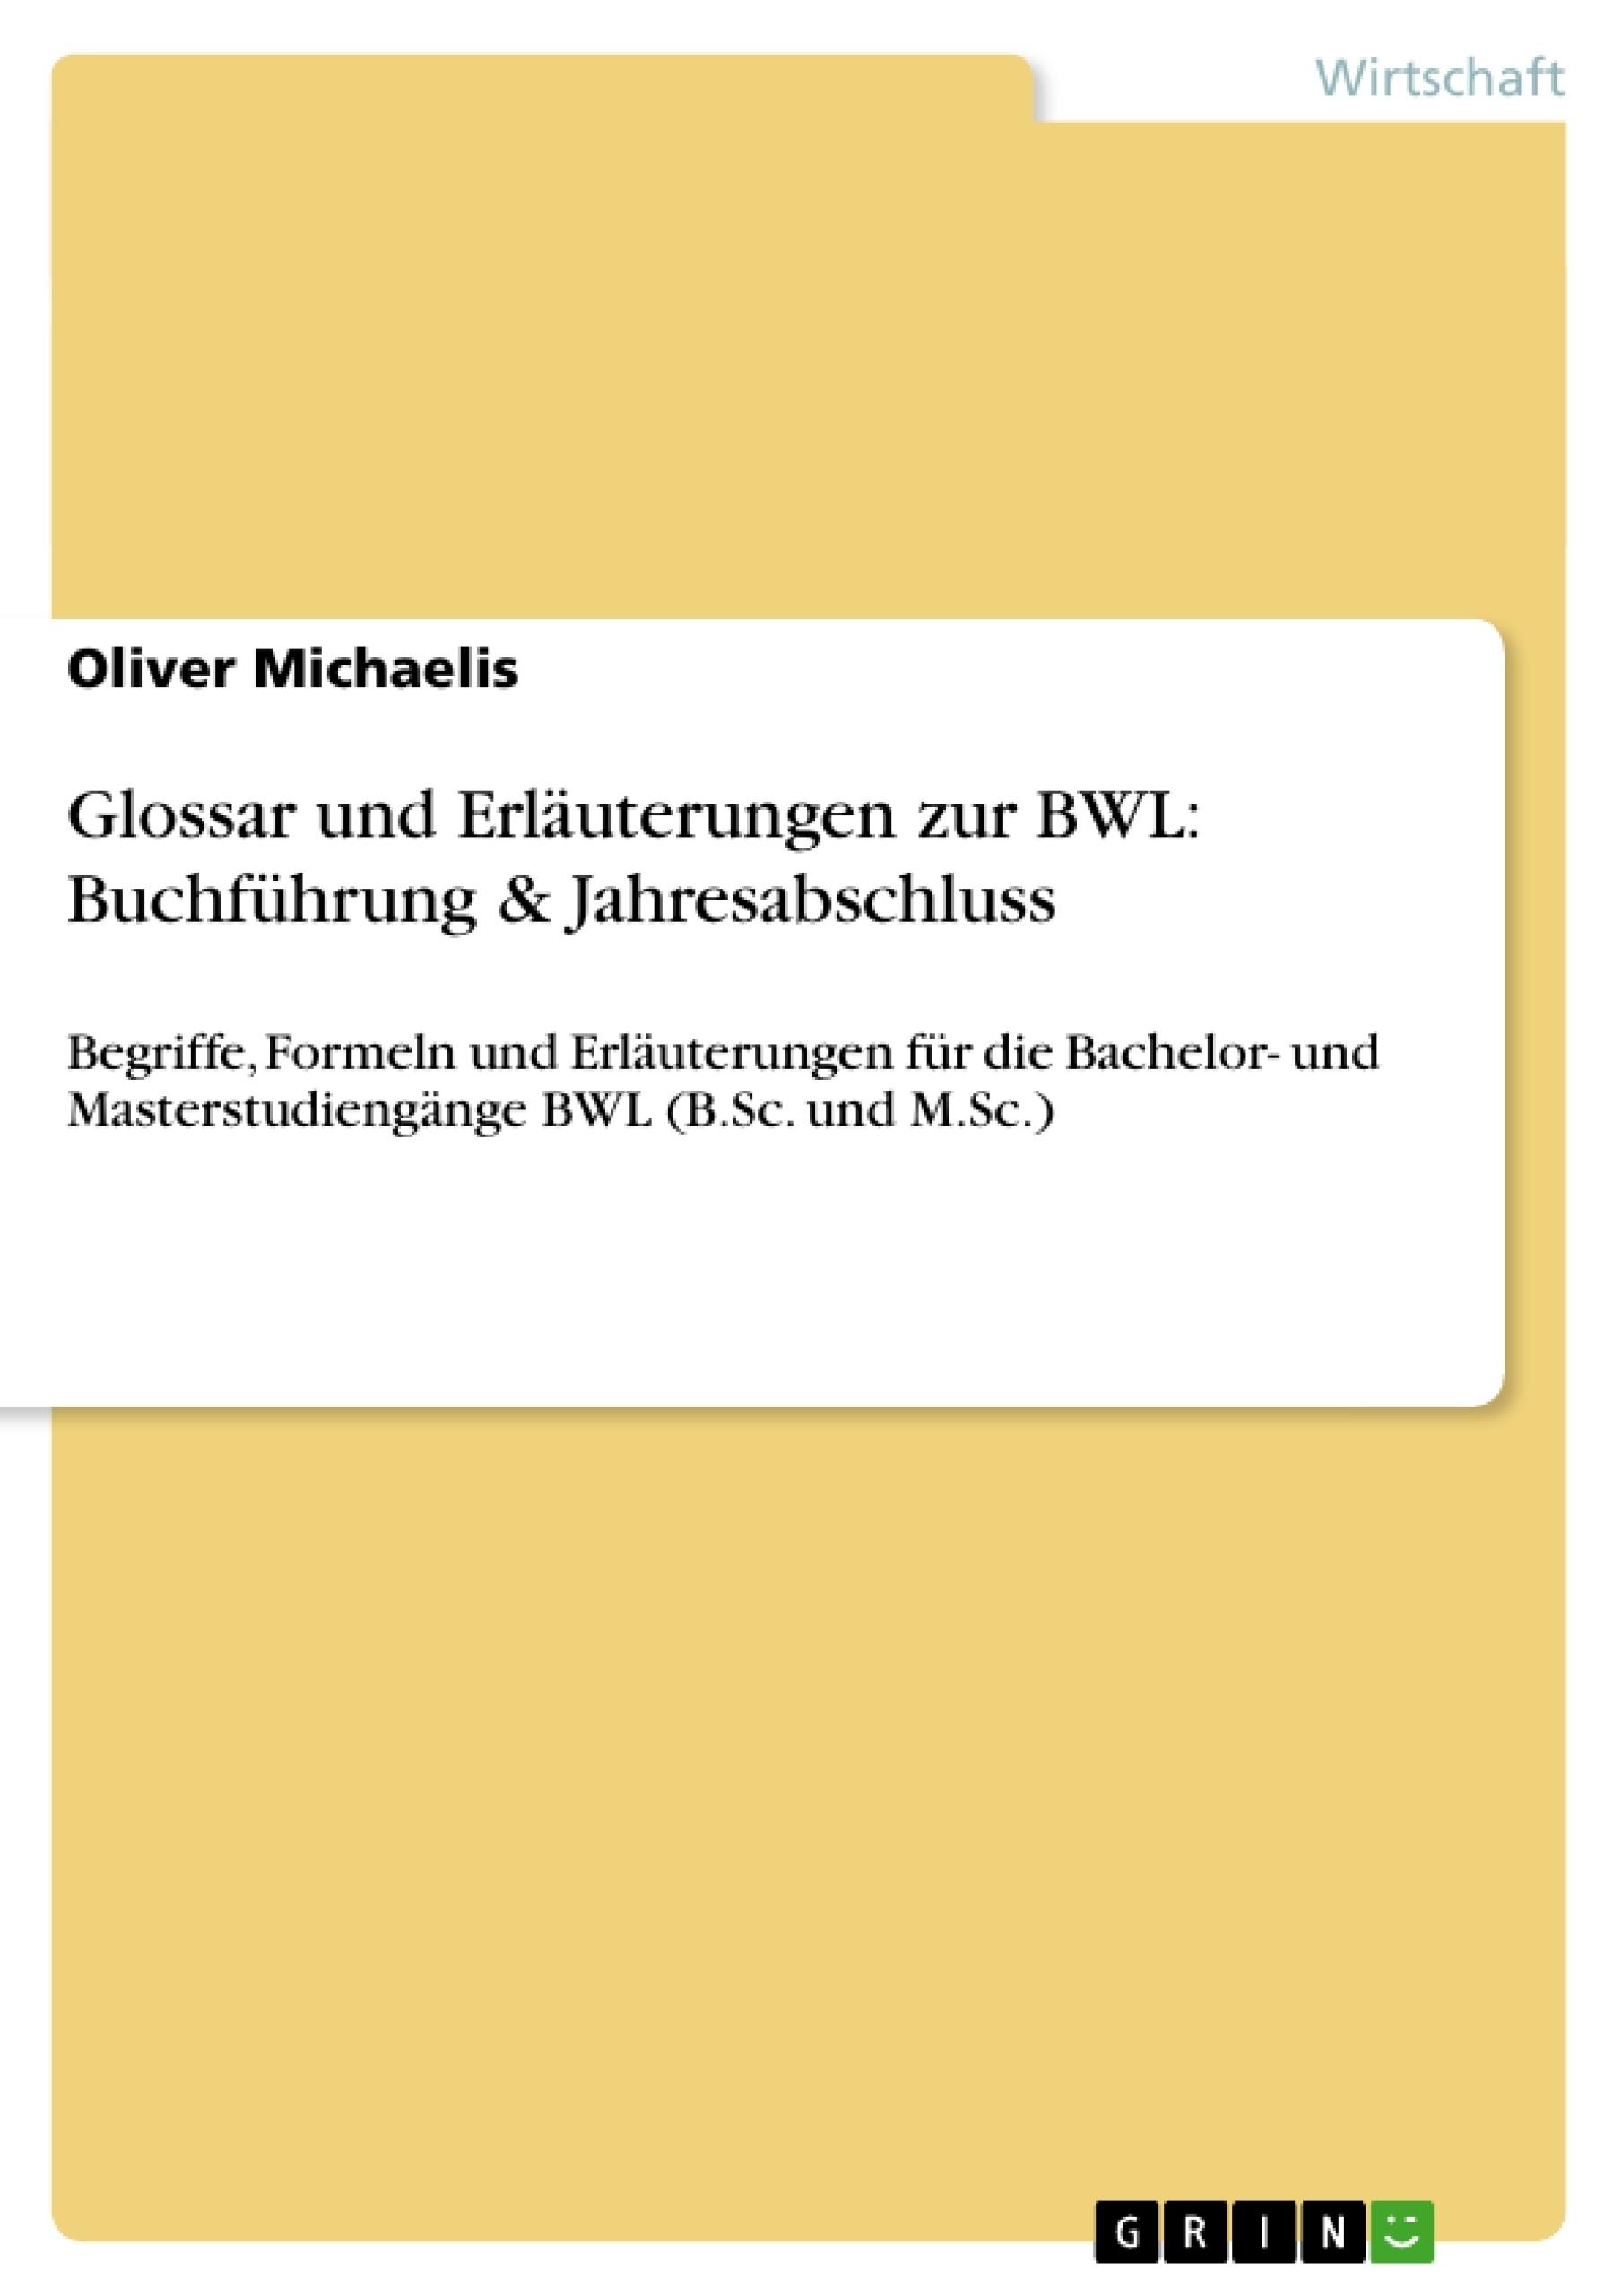 Titel: Glossar und Erläuterungen zur BWL: Buchführung & Jahresabschluss